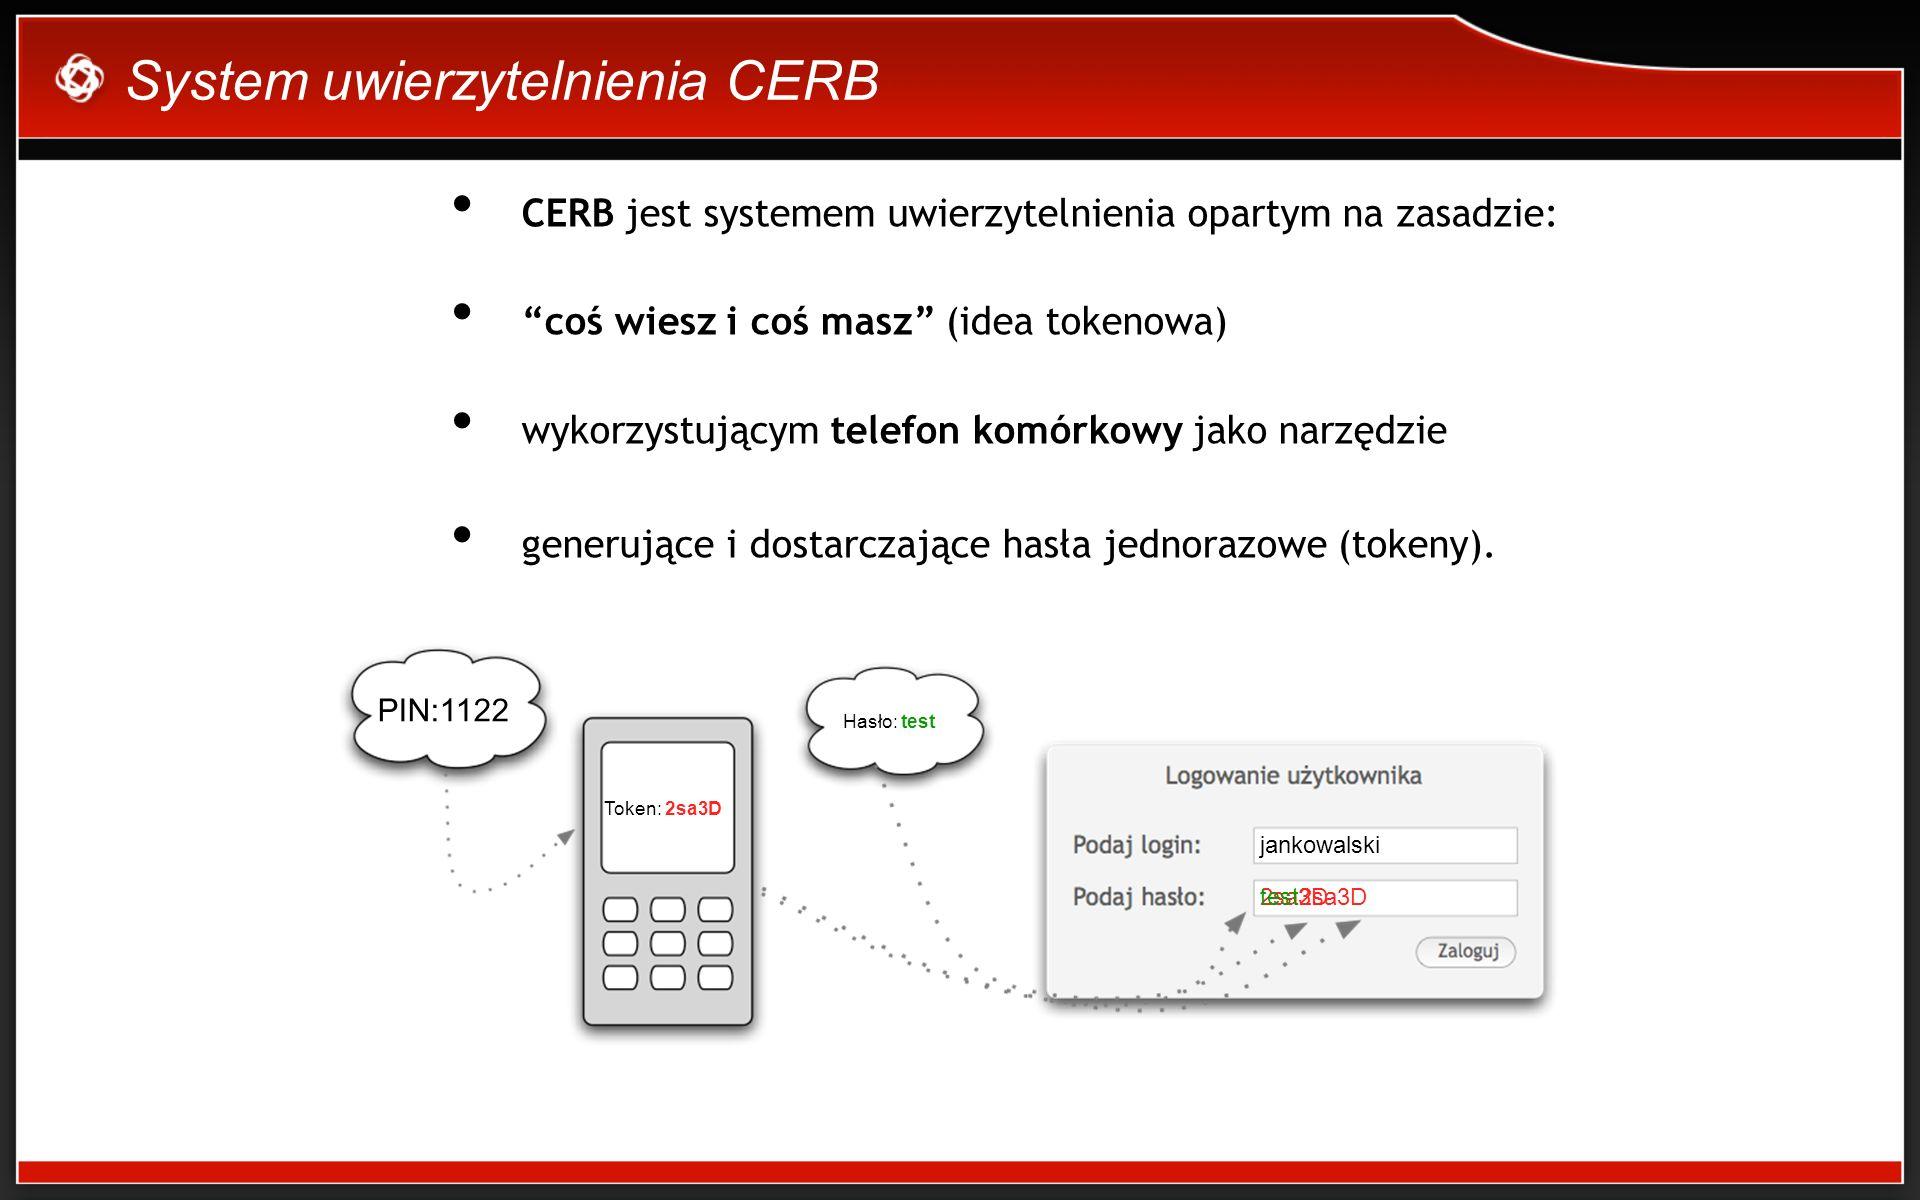 System uwierzytelnienia CERB CERB jest systemem uwierzytelnienia opartym na zasadzie: coś wiesz i coś masz (idea tokenowa) wykorzystującym telefon komórkowy jako narzędzie generujące i dostarczające hasła jednorazowe (tokeny).